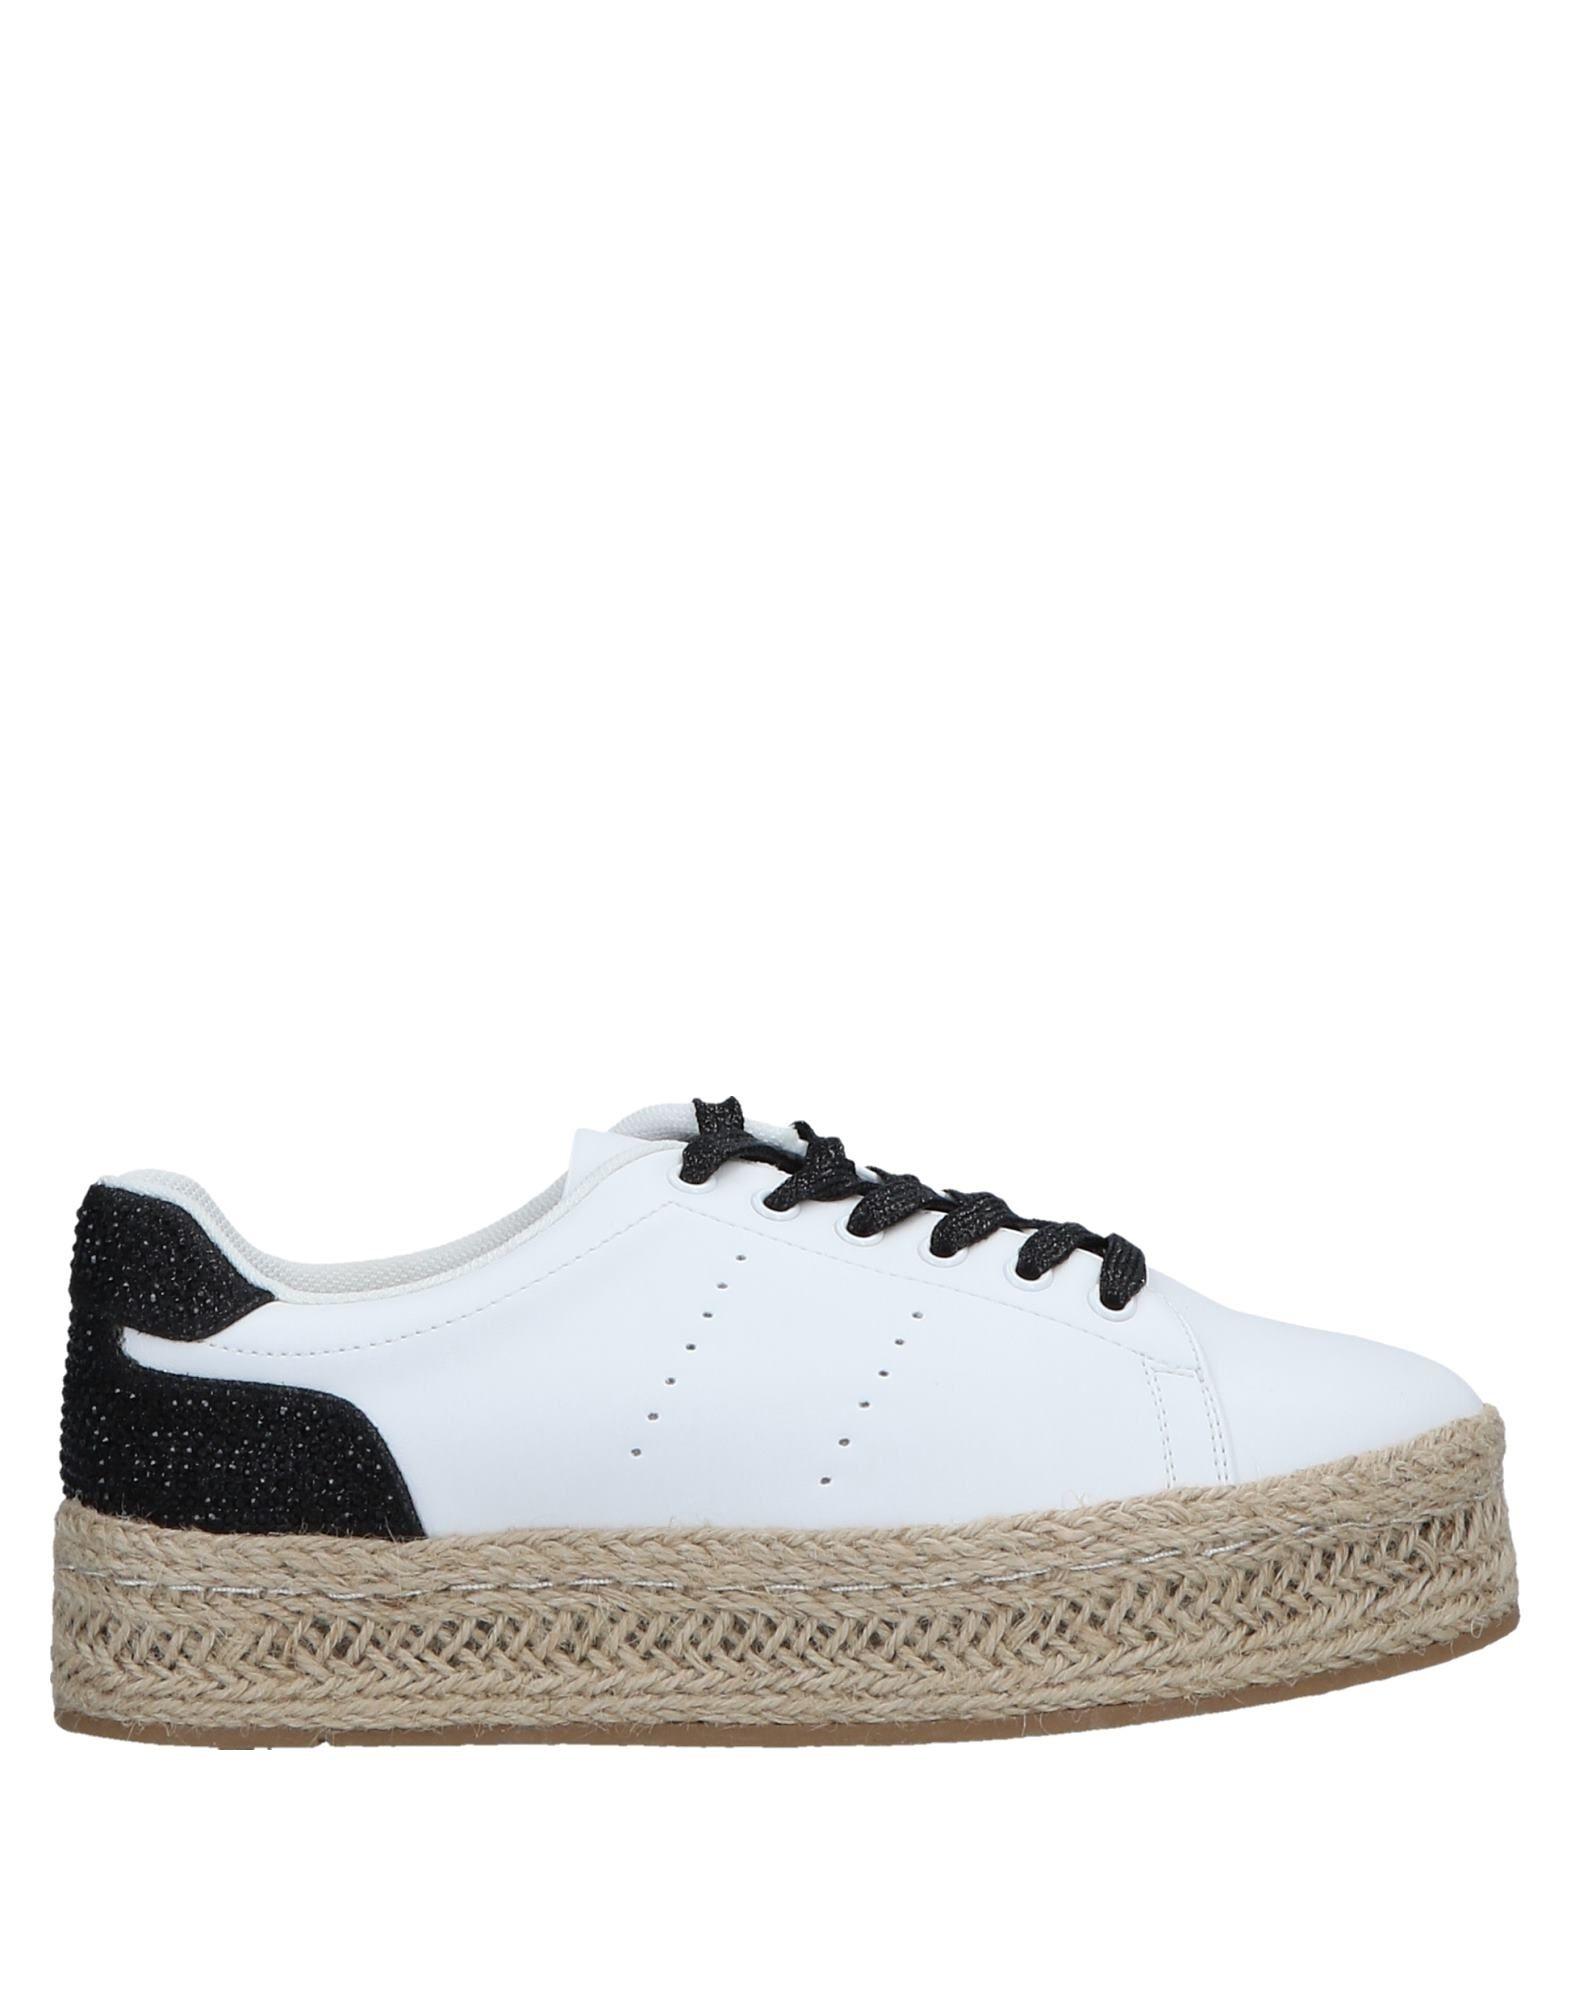 Moda 11522754FH Sneakers Unlace Donna - 11522754FH Moda 1a2c16